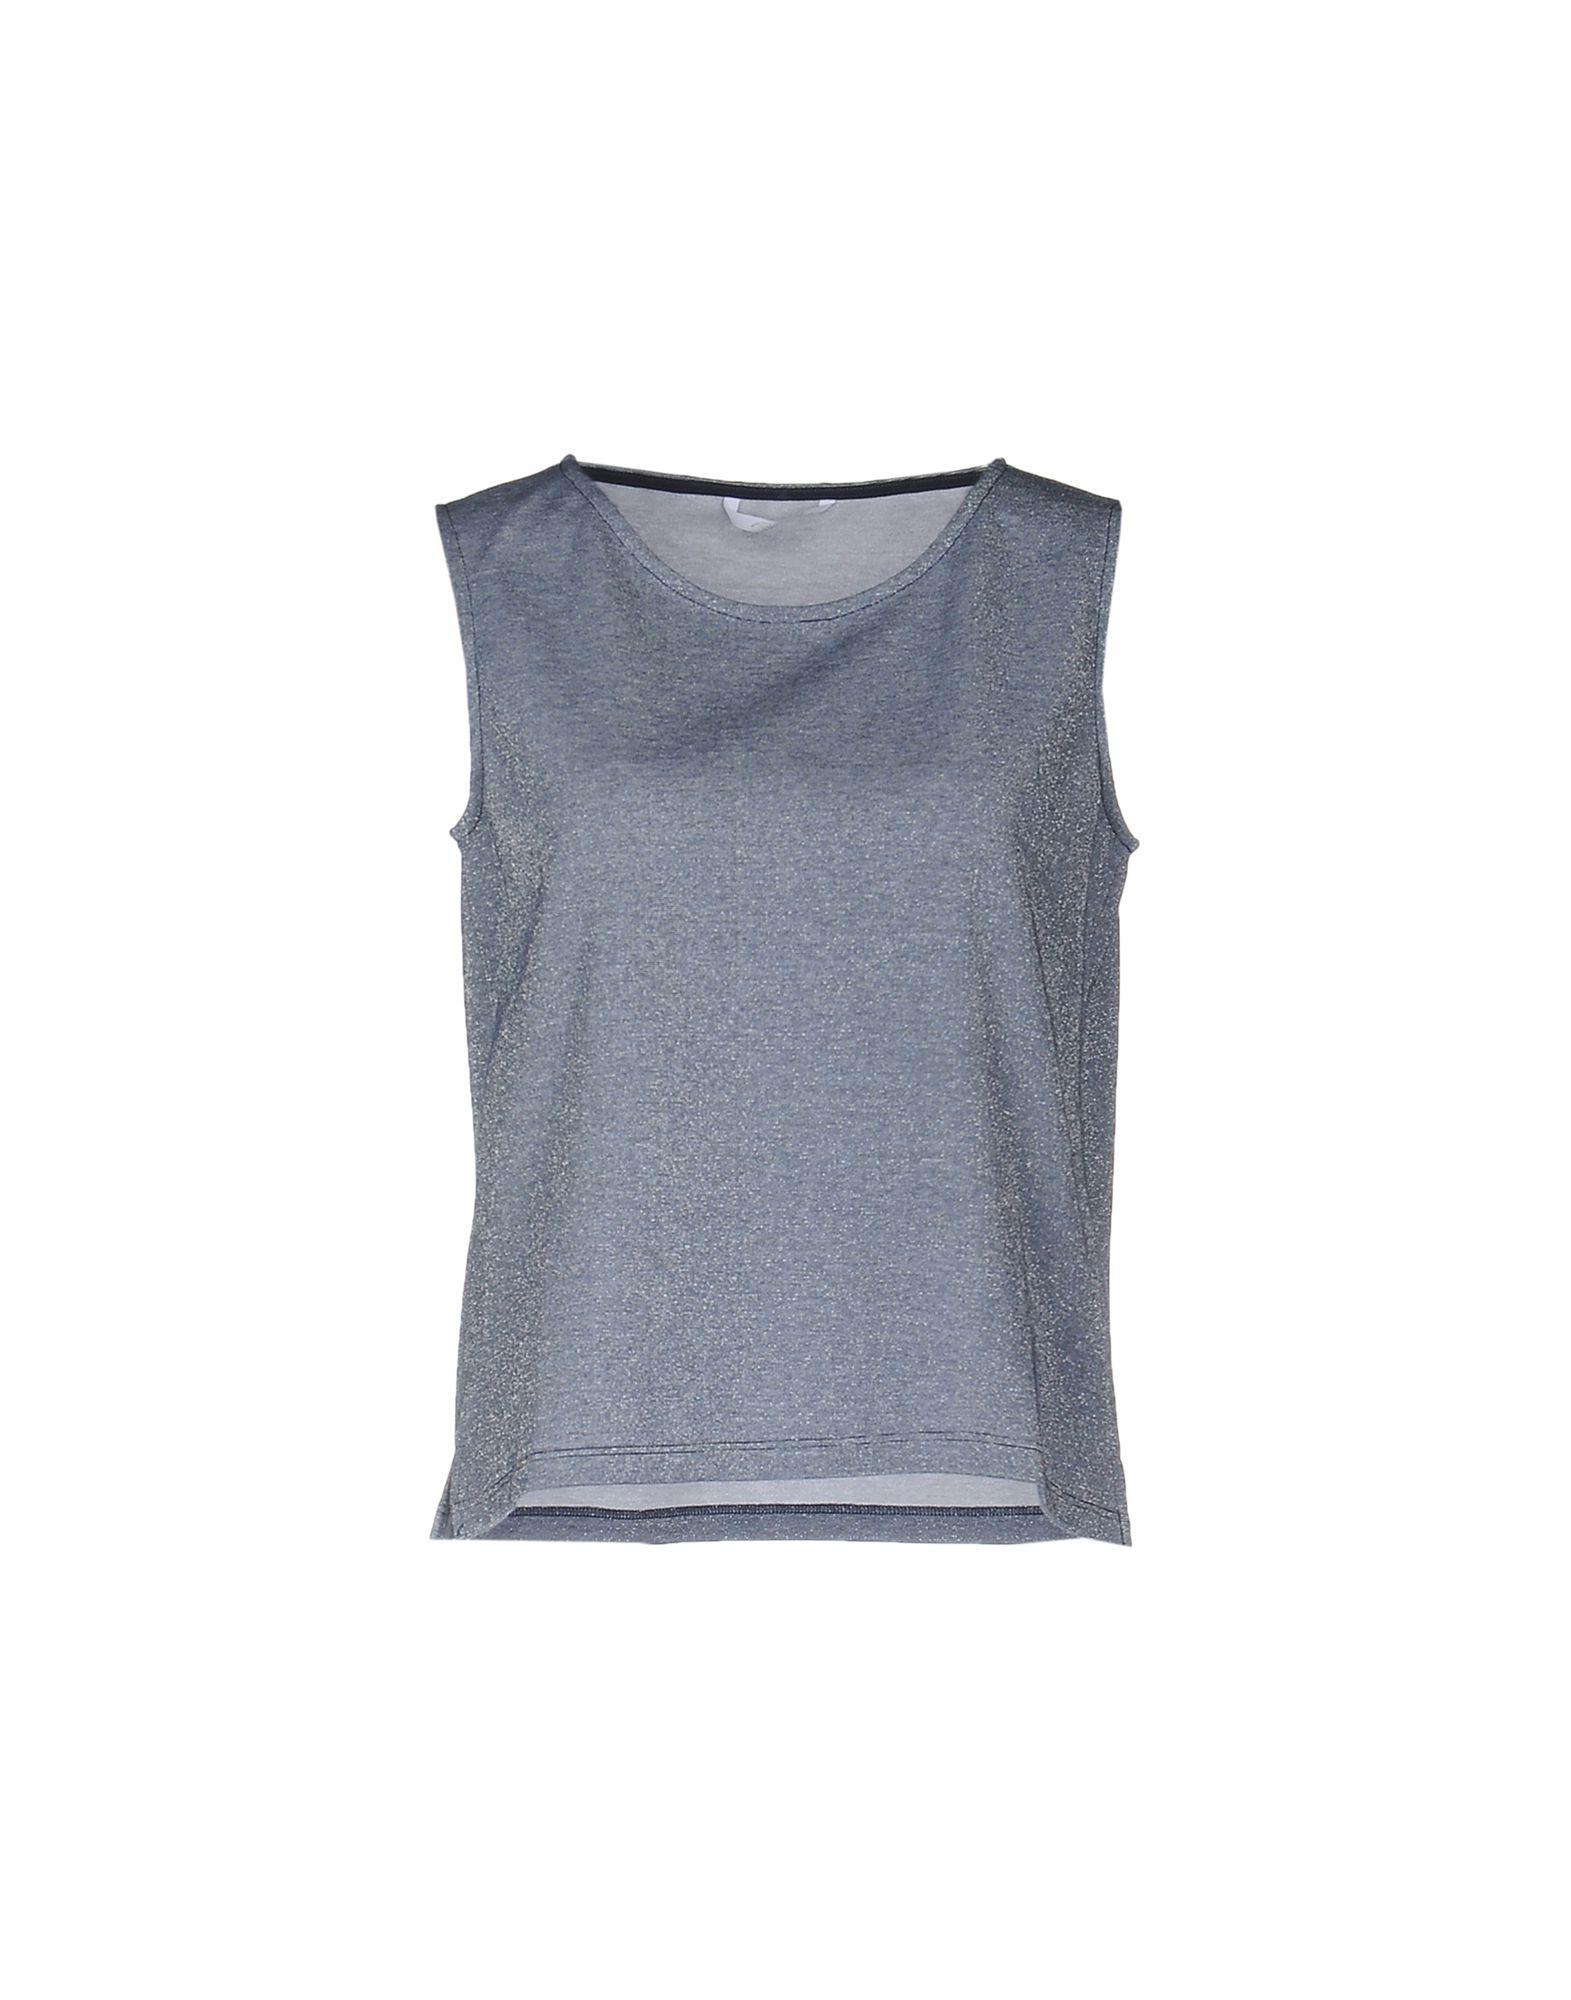 BREBIS NOIR Топ без рукавов футболка supremebeing pantera noir ss14 black 8901 xl